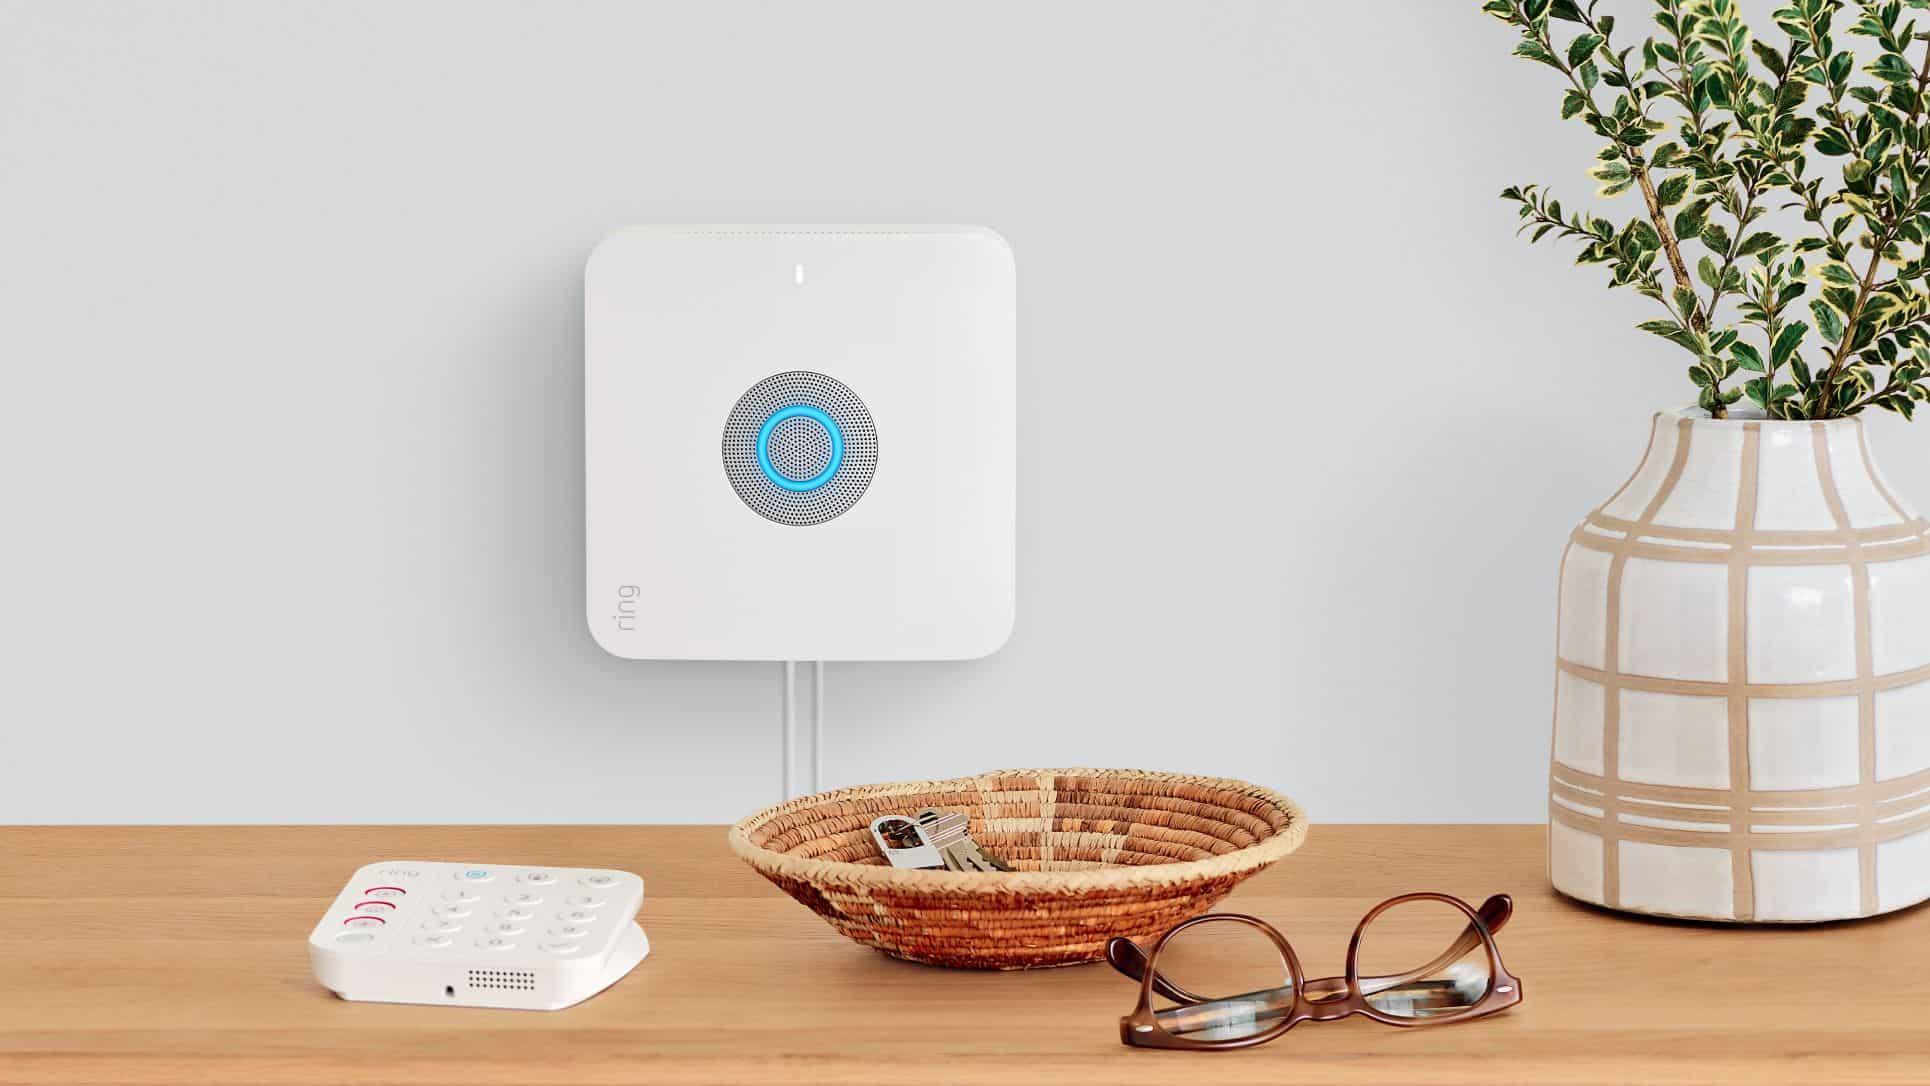 Ring Alarm Pro hub and keypad. (Photo: Ring/Amazon)